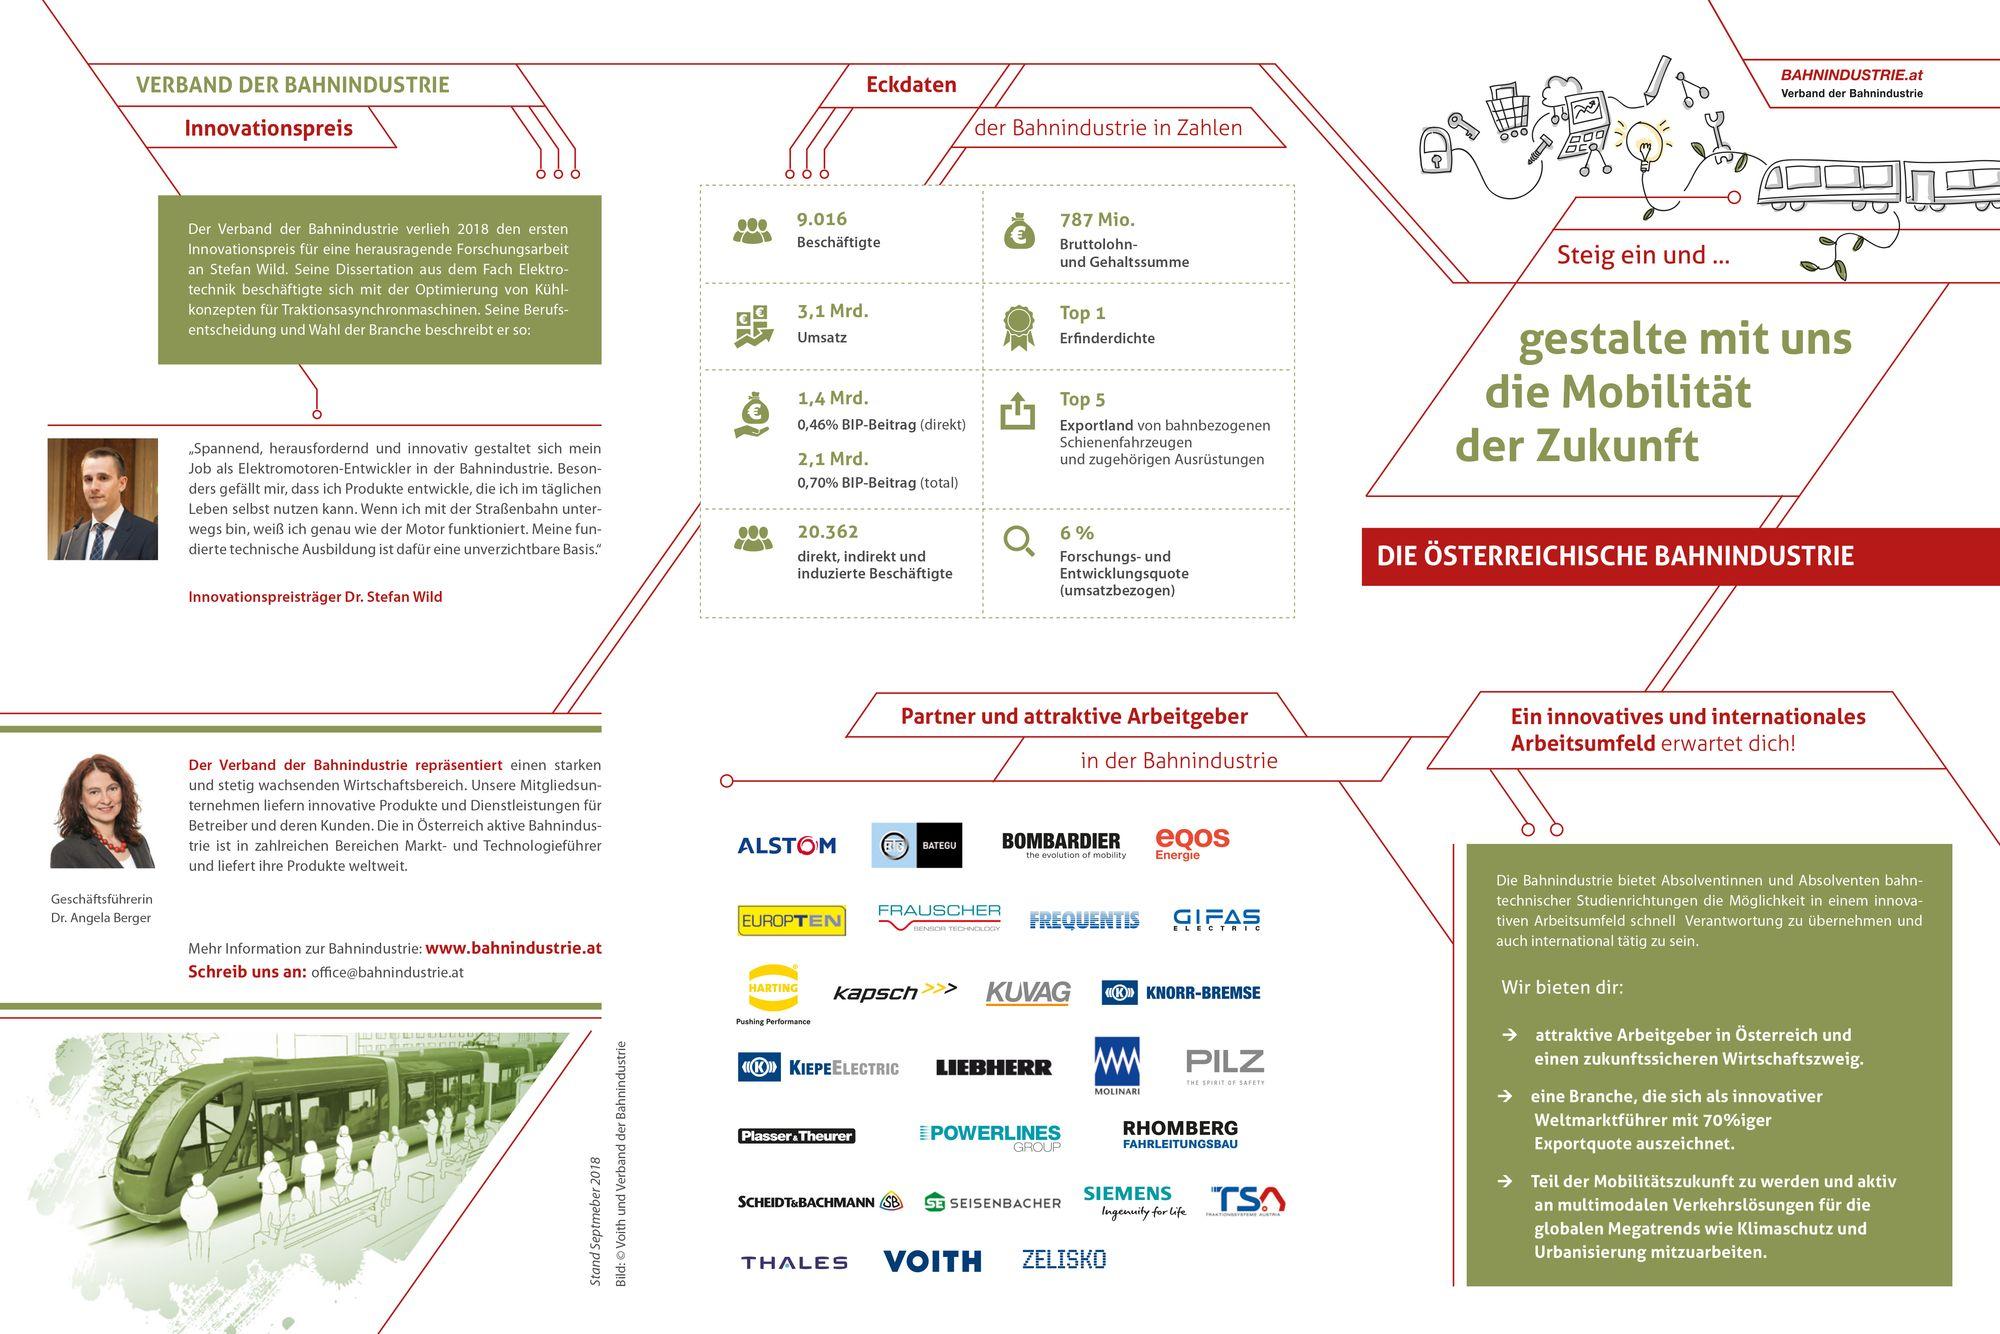 Nähere Informationen zur Bahnindustrie in Österreich